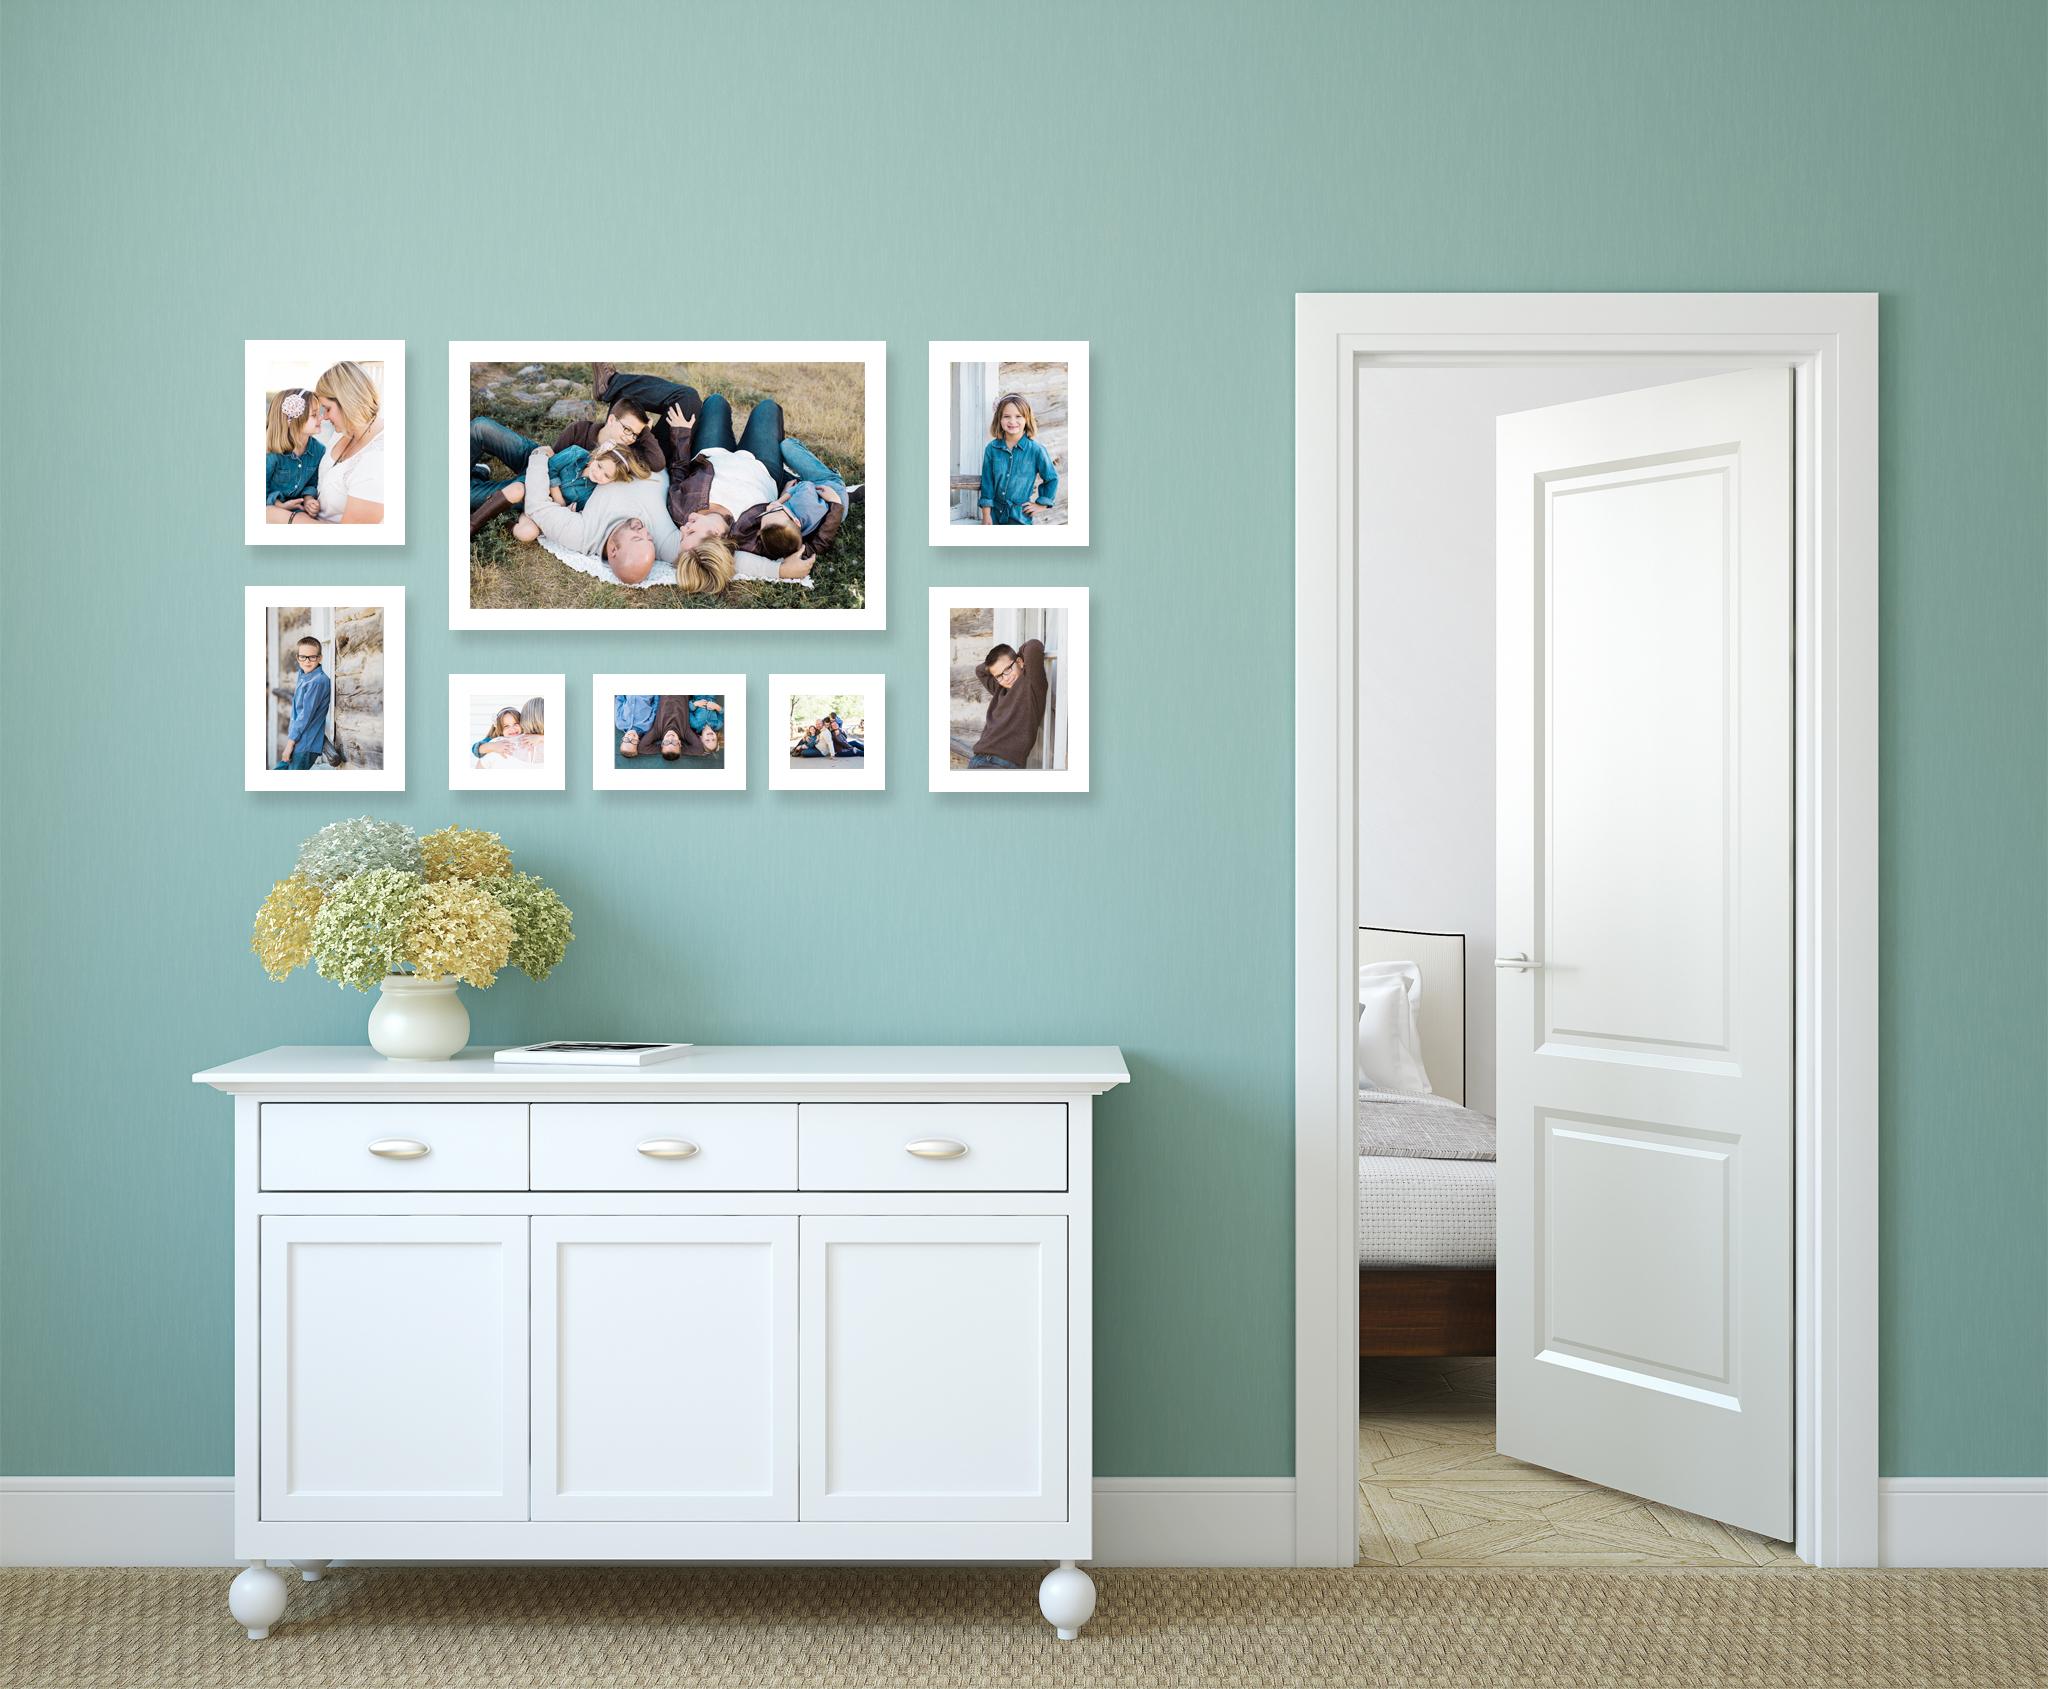 photos as home decor